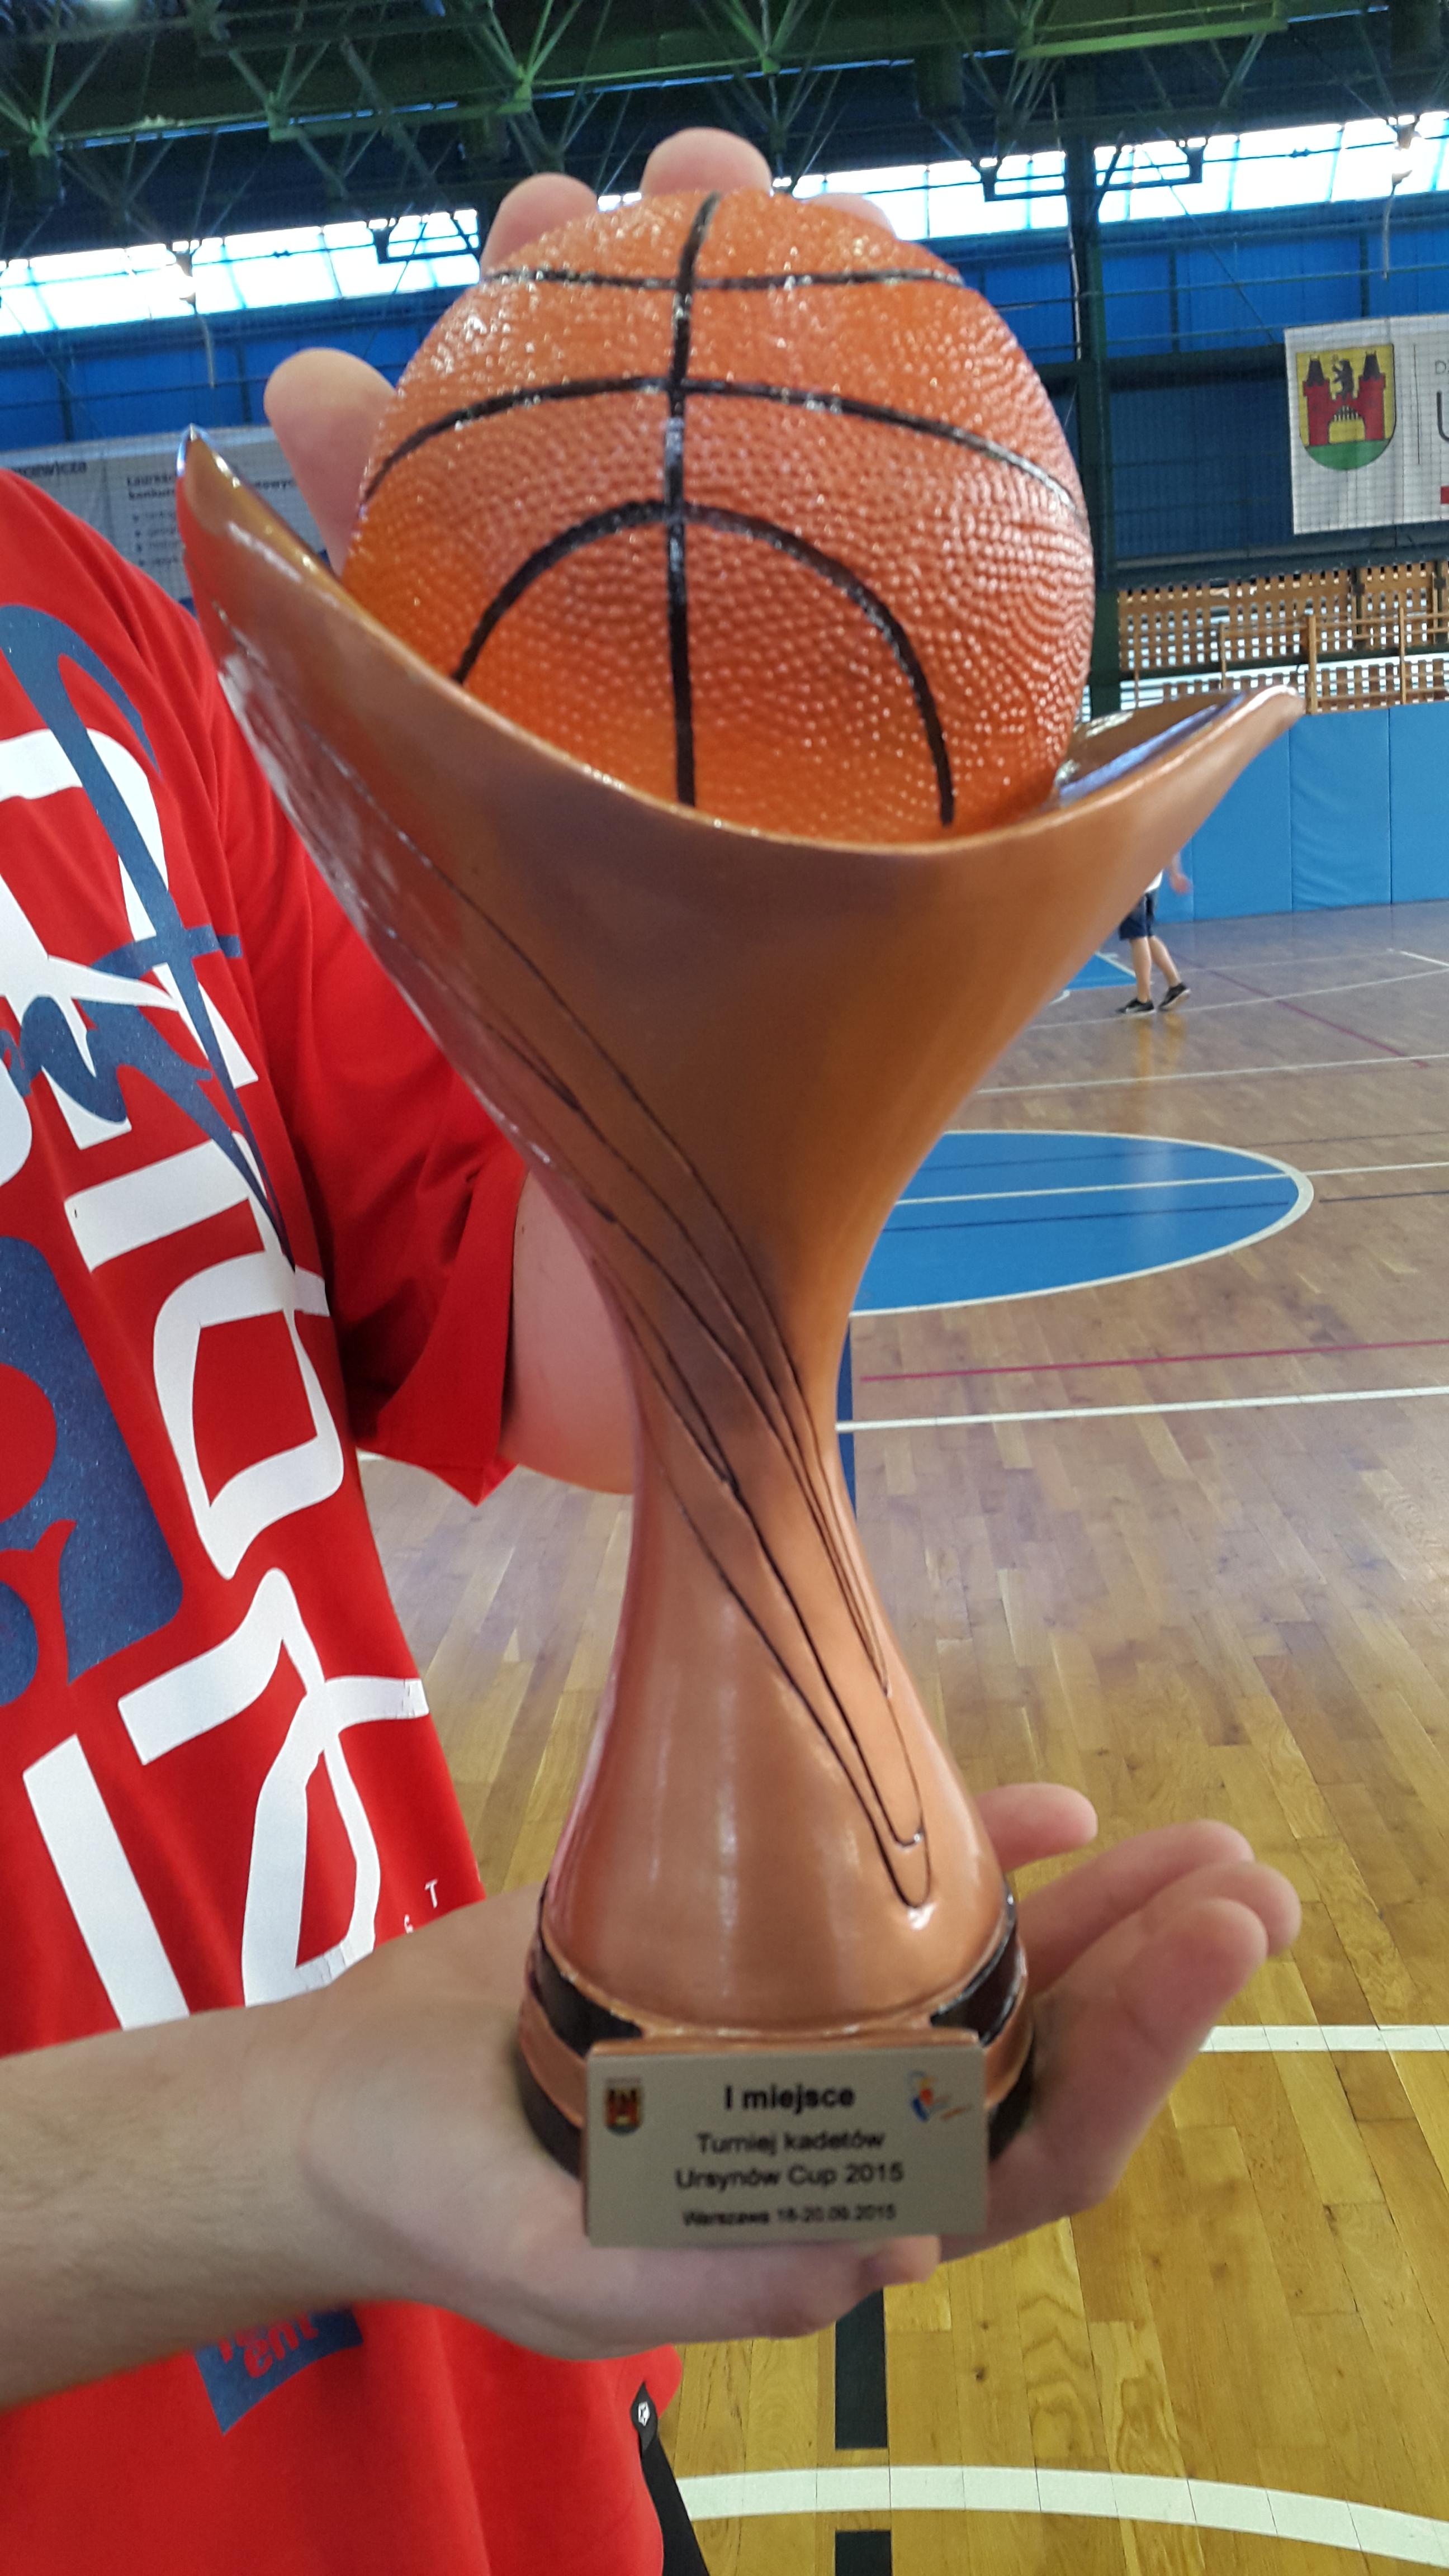 Puchar za I miejsce1